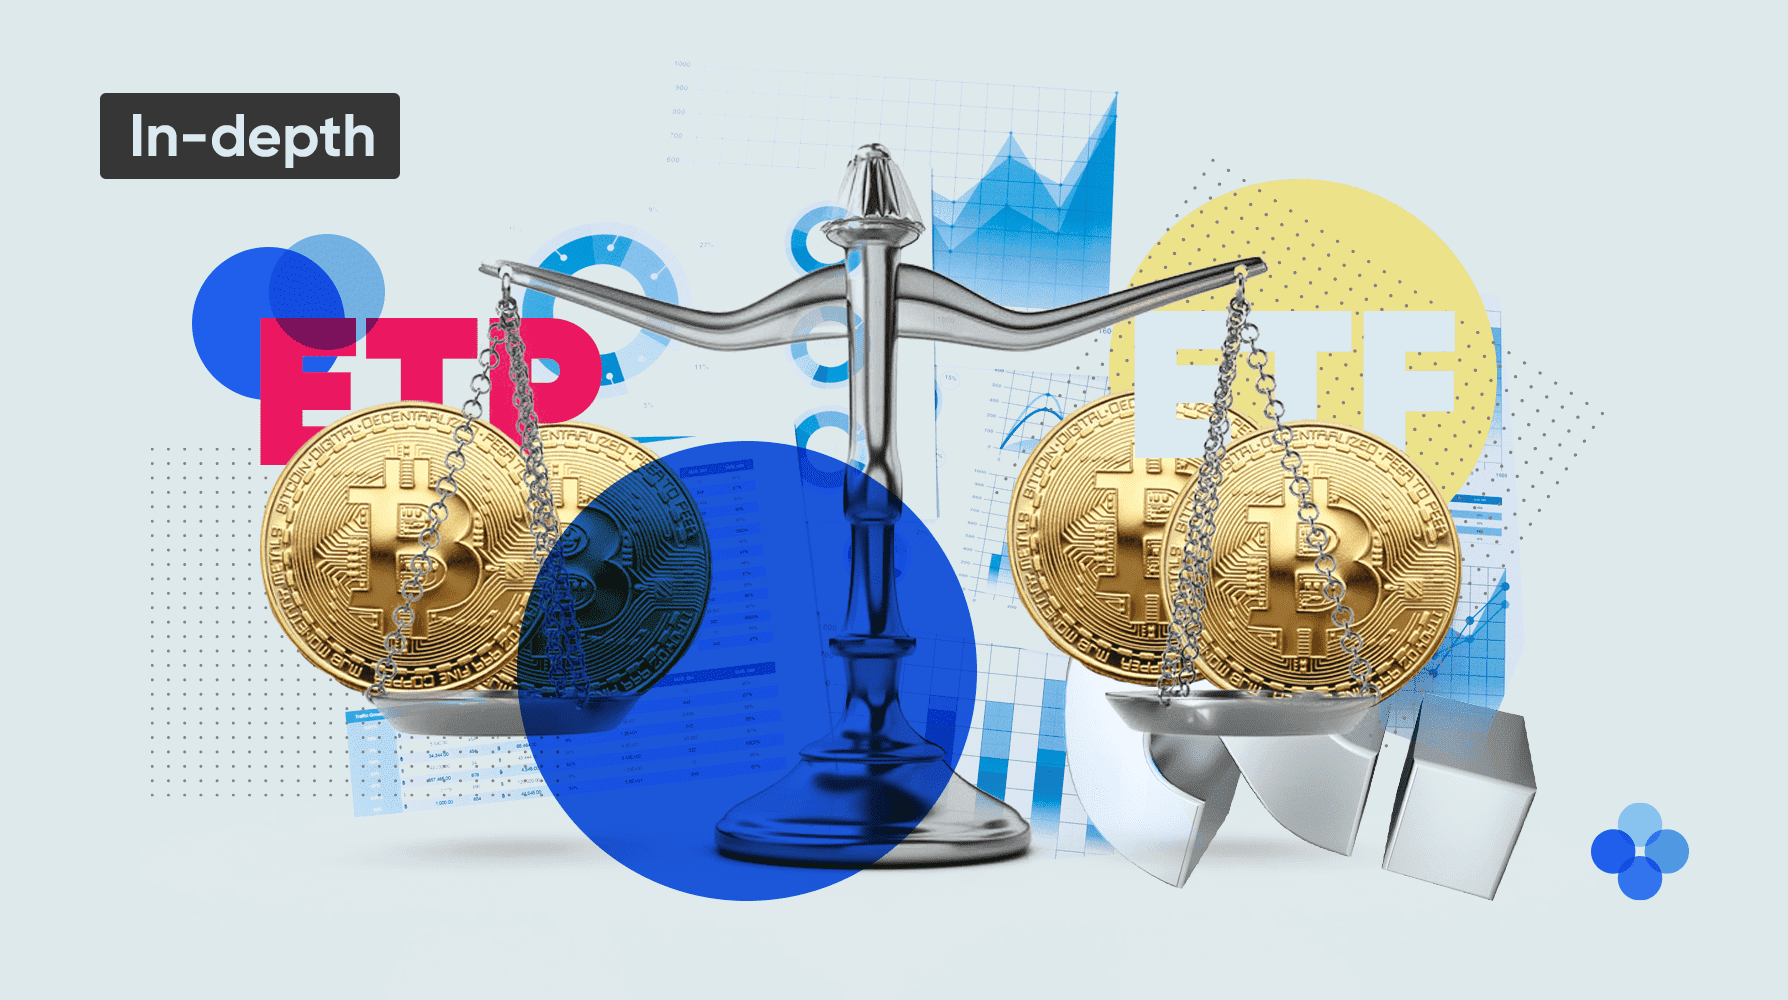 Sec faili maksā pret bitcoin ponzi mastermind trendon skuvekļi - Preses relīzes